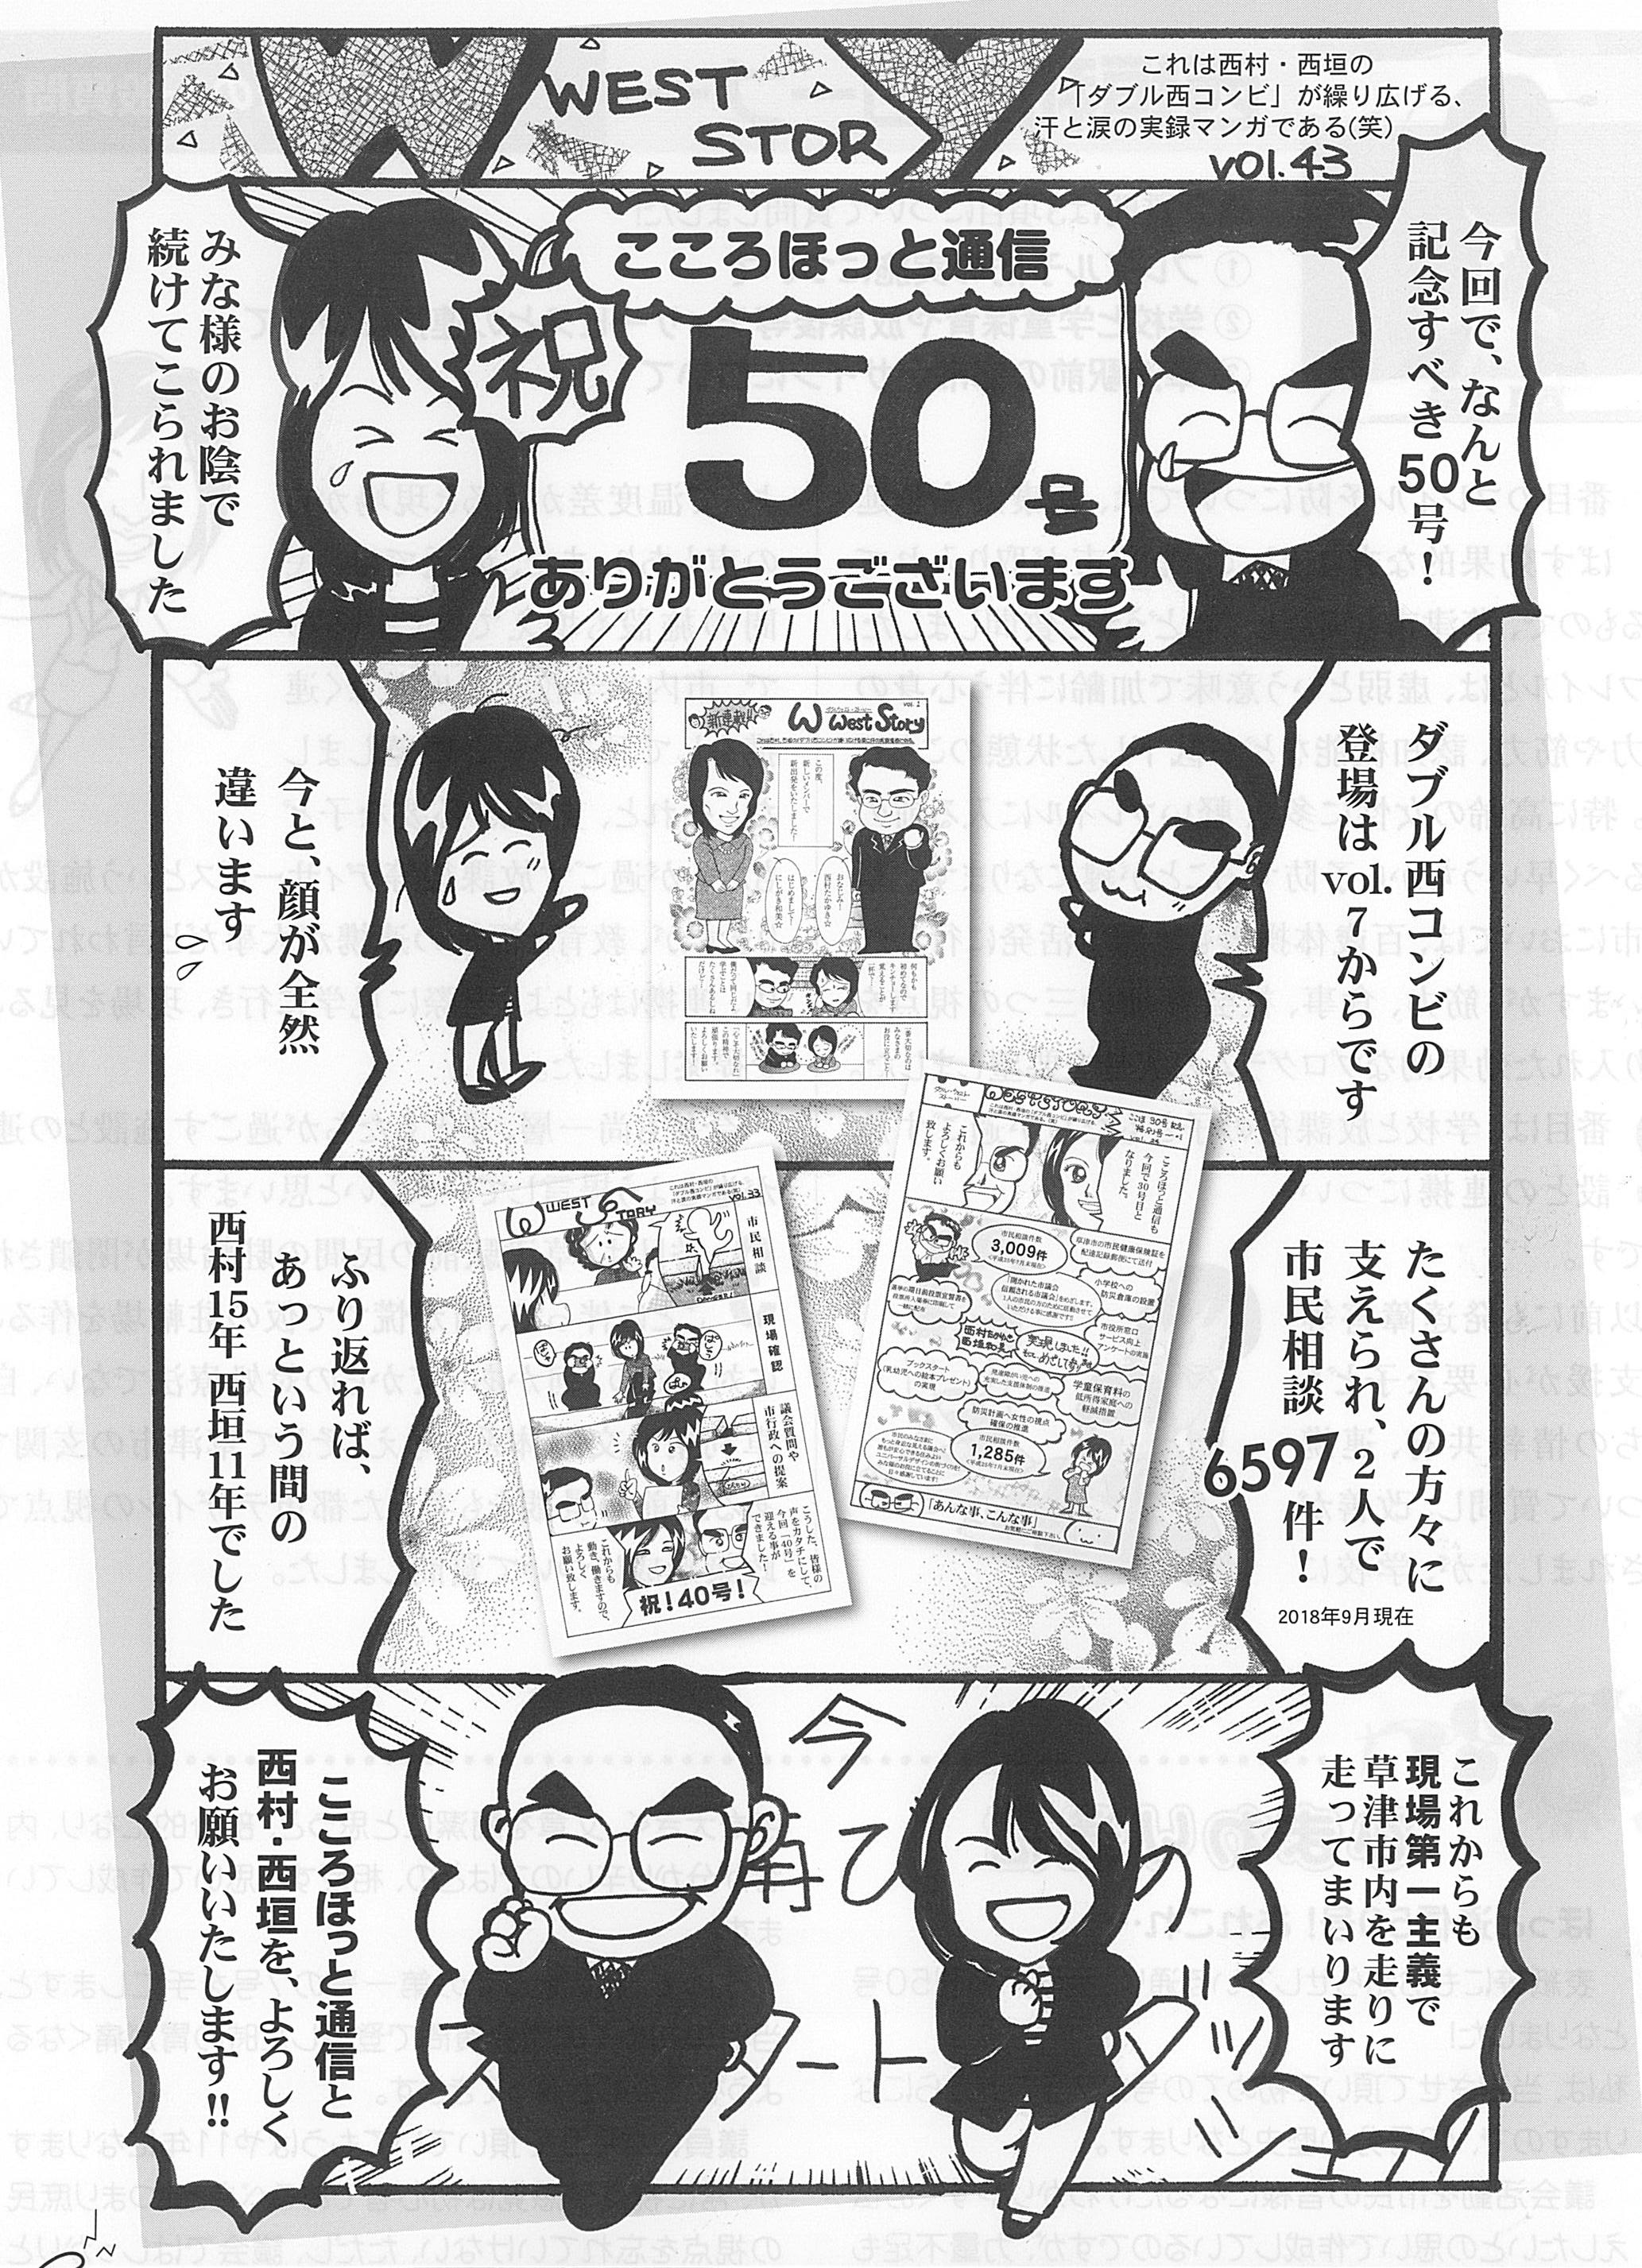 jitsuroku_vol43.jpg